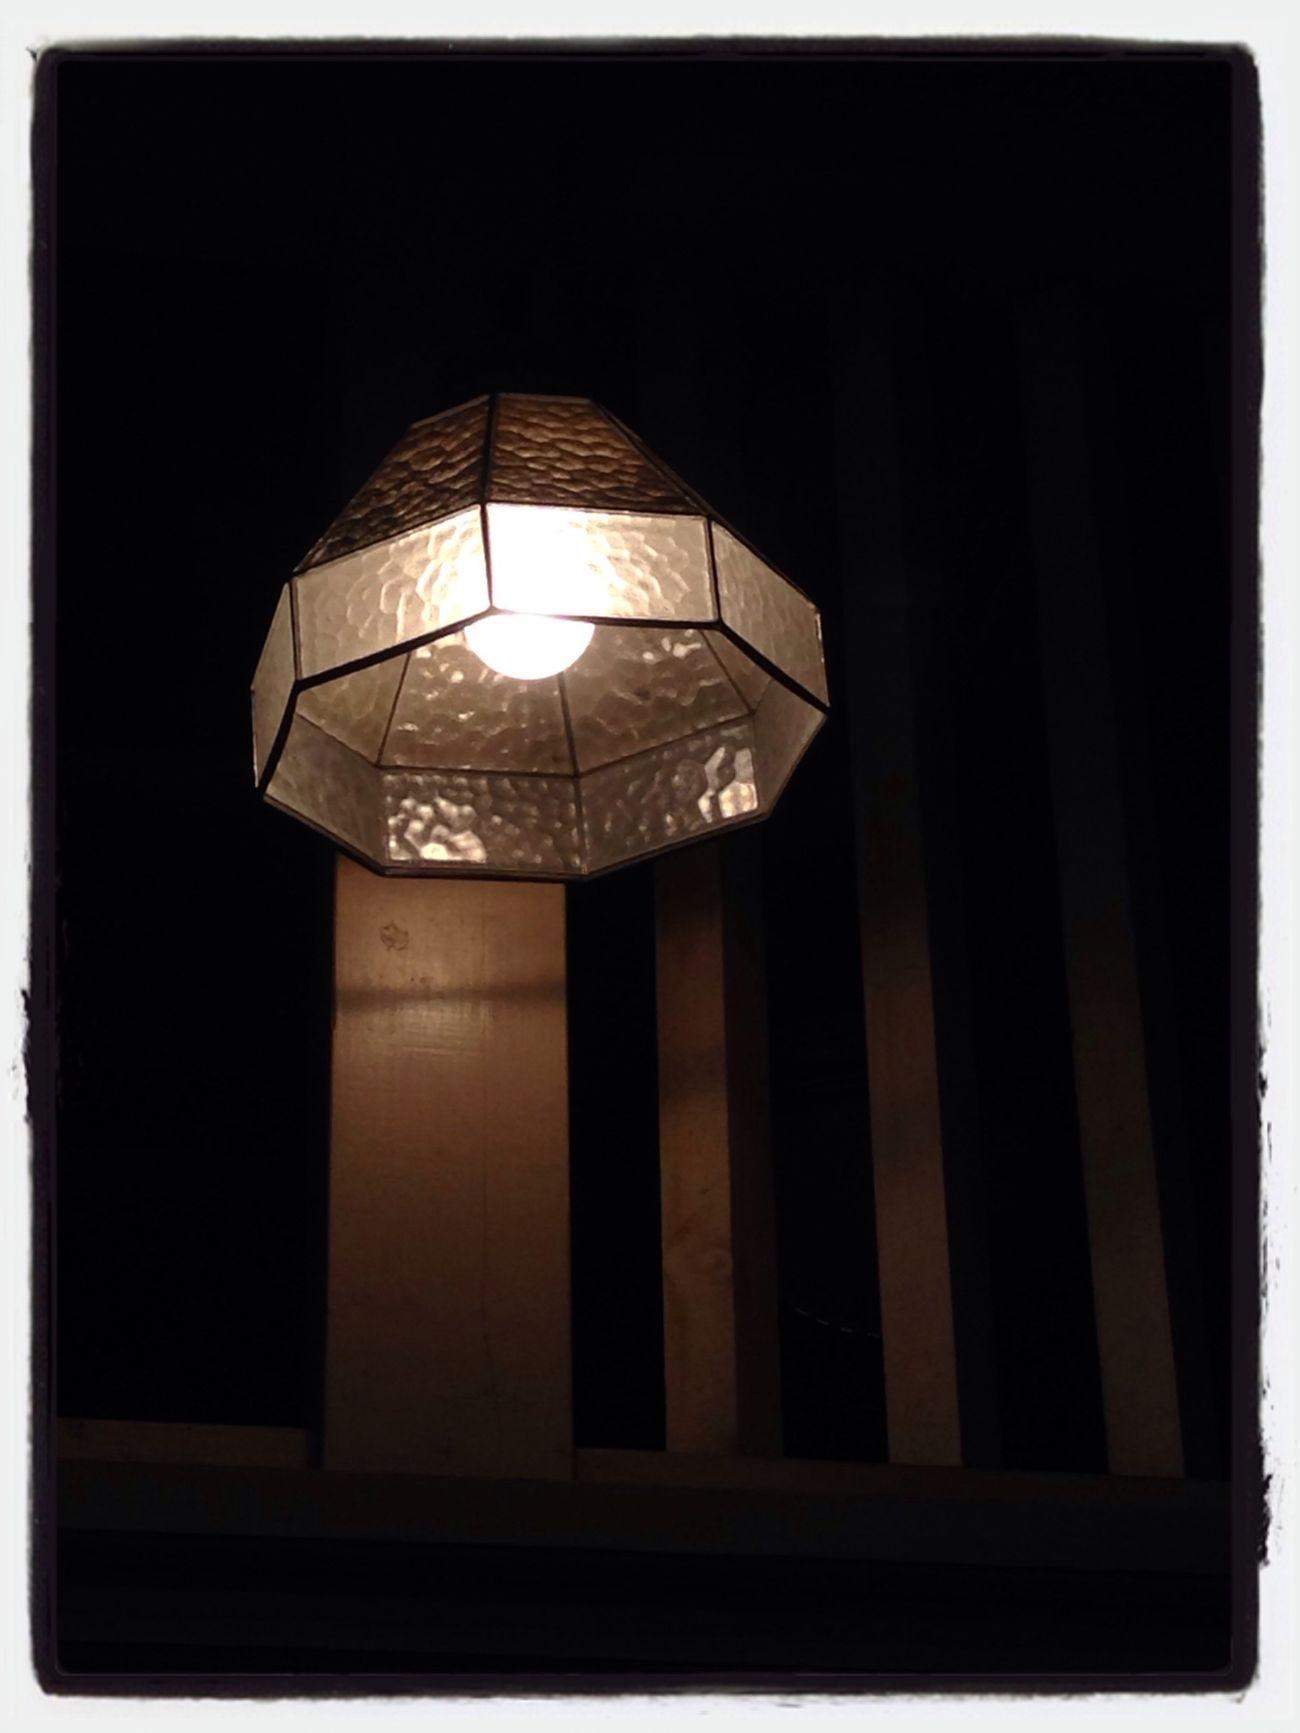 あったかい、ぽっかり浮かびあがった灯火に引き寄せられました… Retro Interior